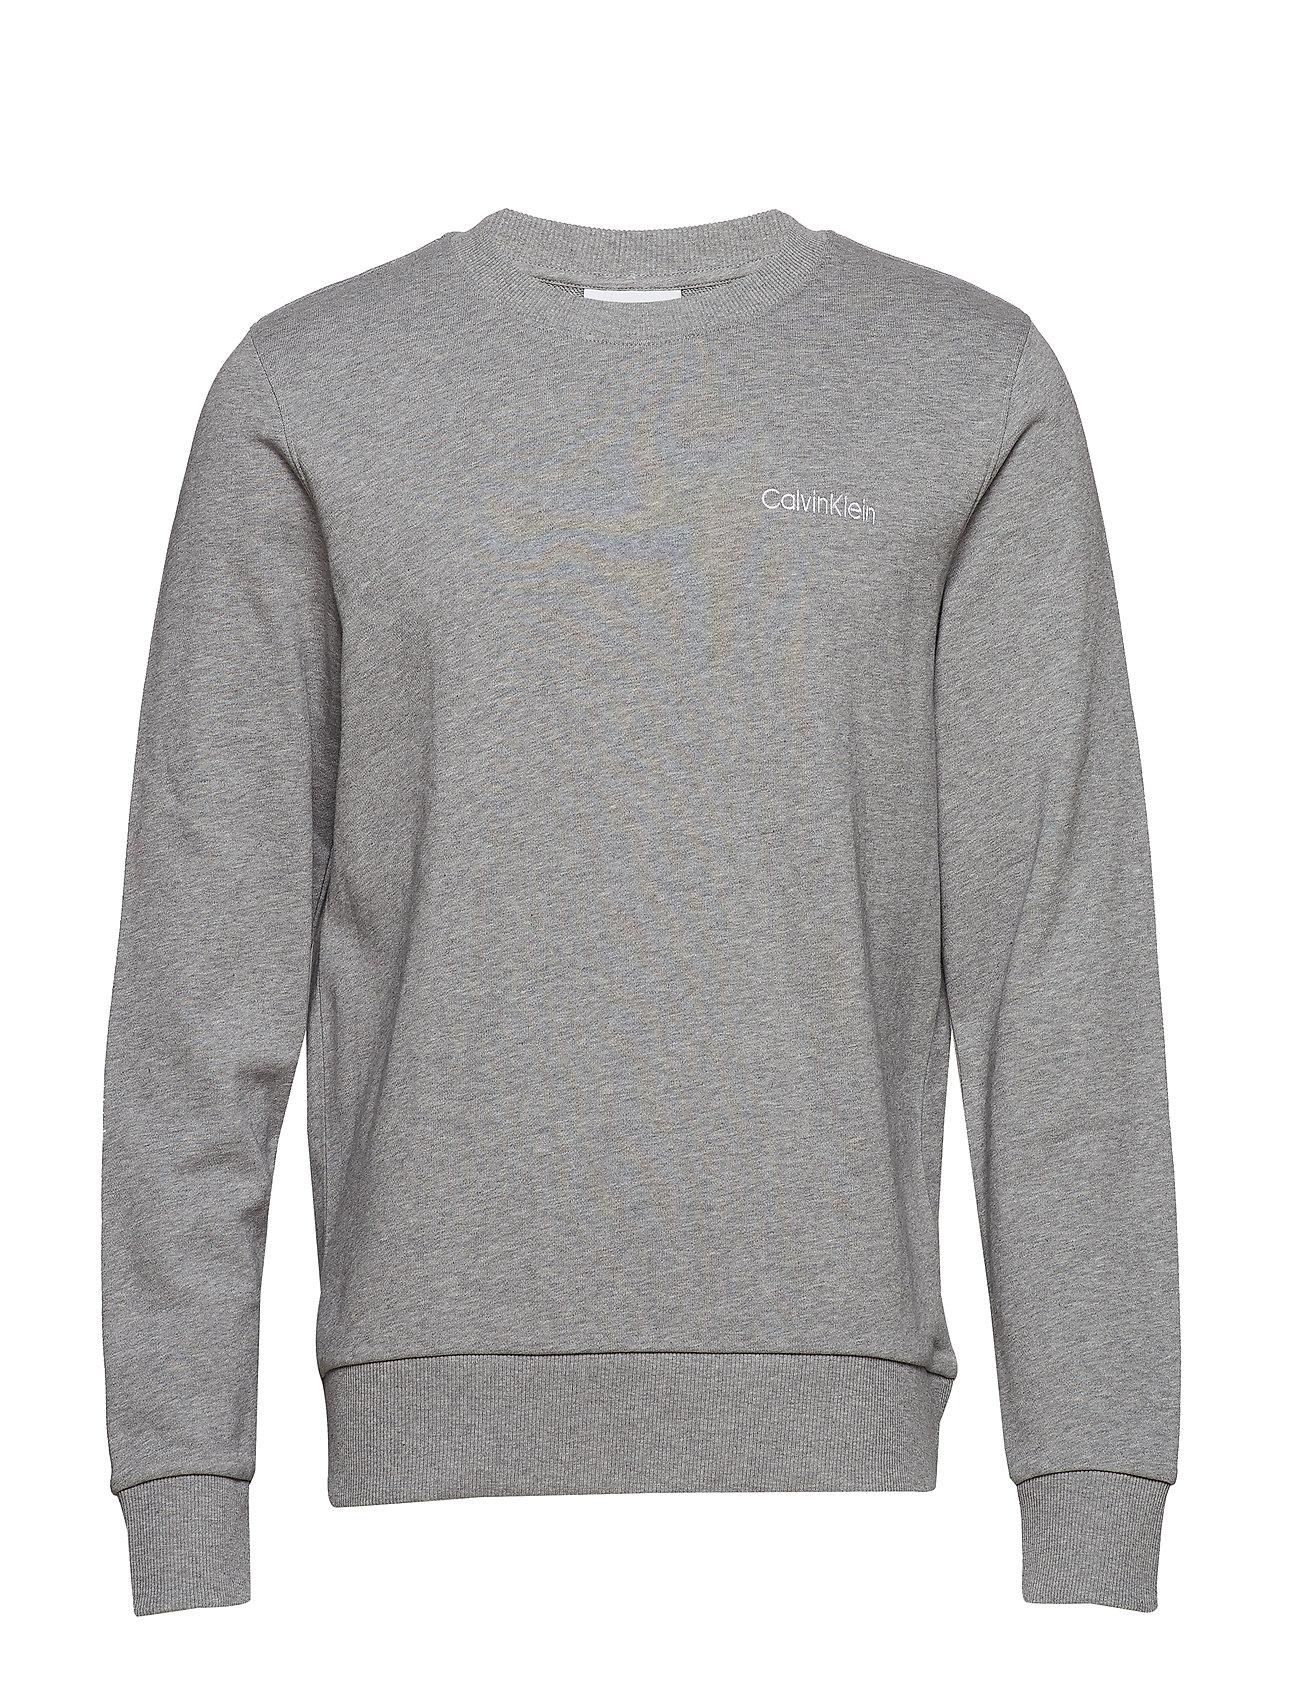 Chest Grey Embroidery Sweatshirtmid HeatherCalvin Klein uJKcT1lF3